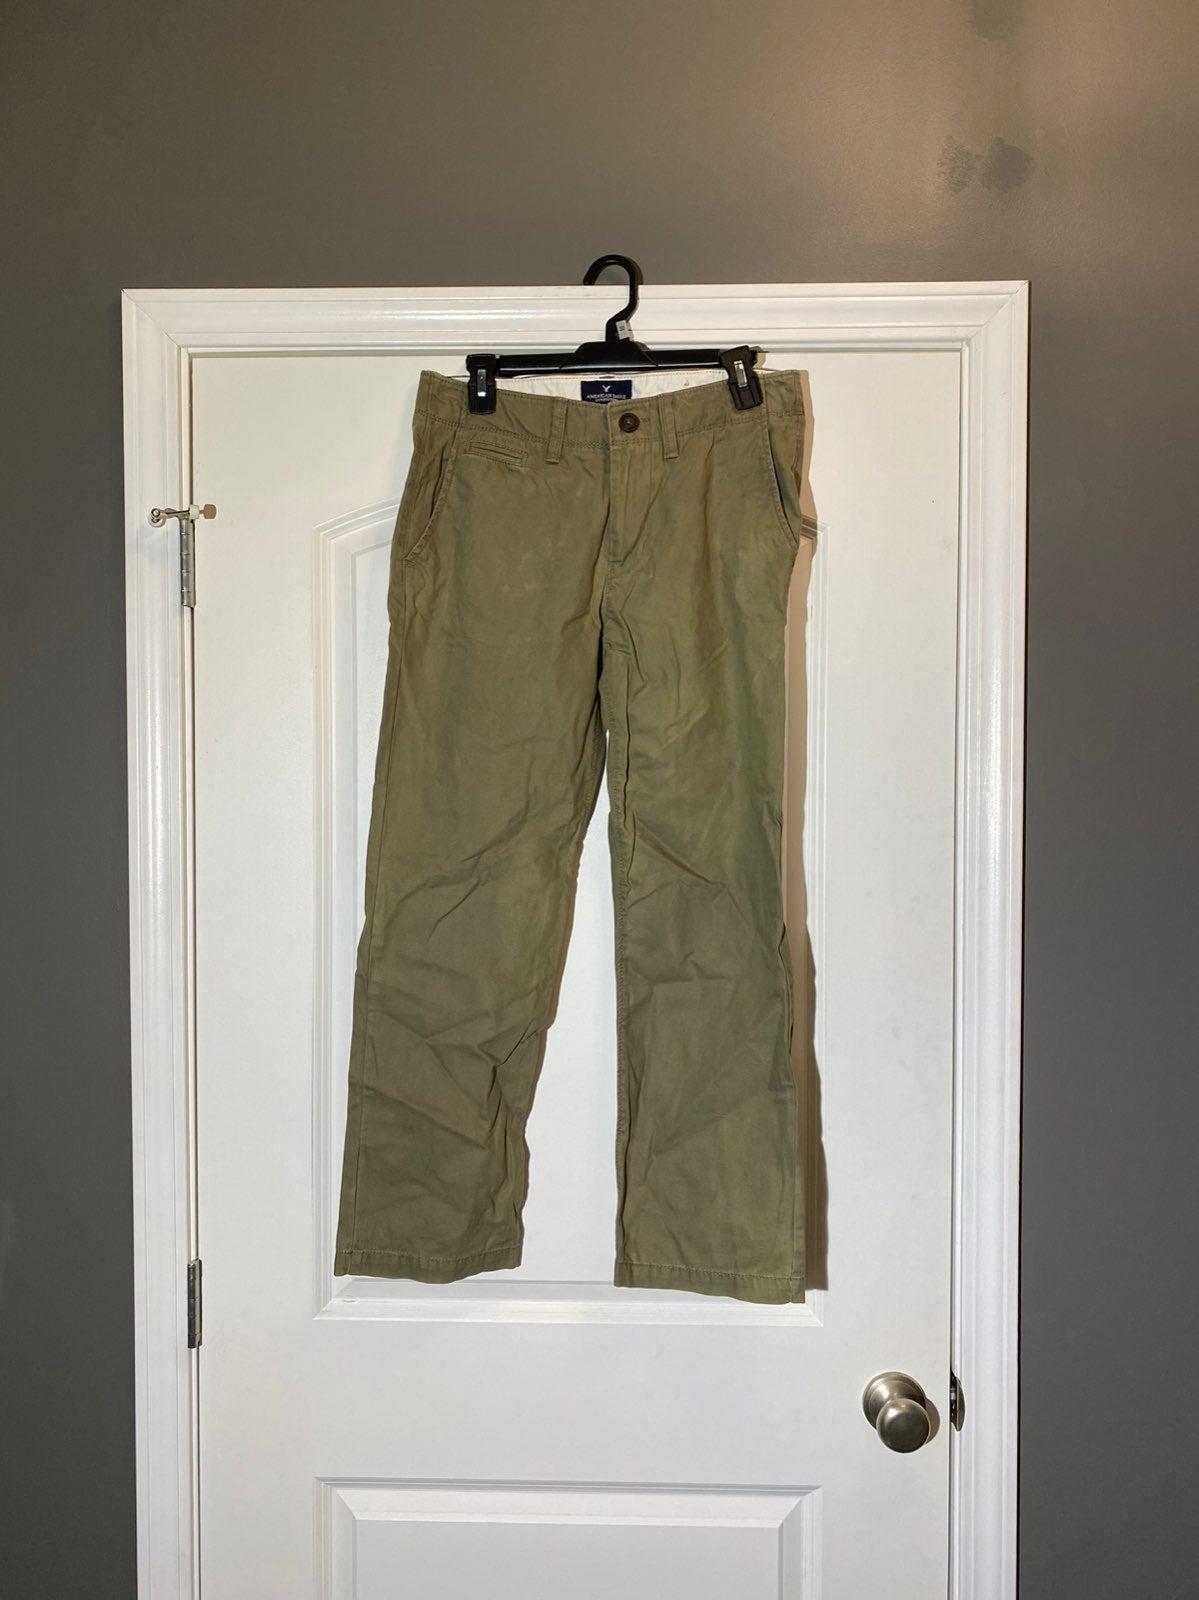 American Eagle Pants size 30/30